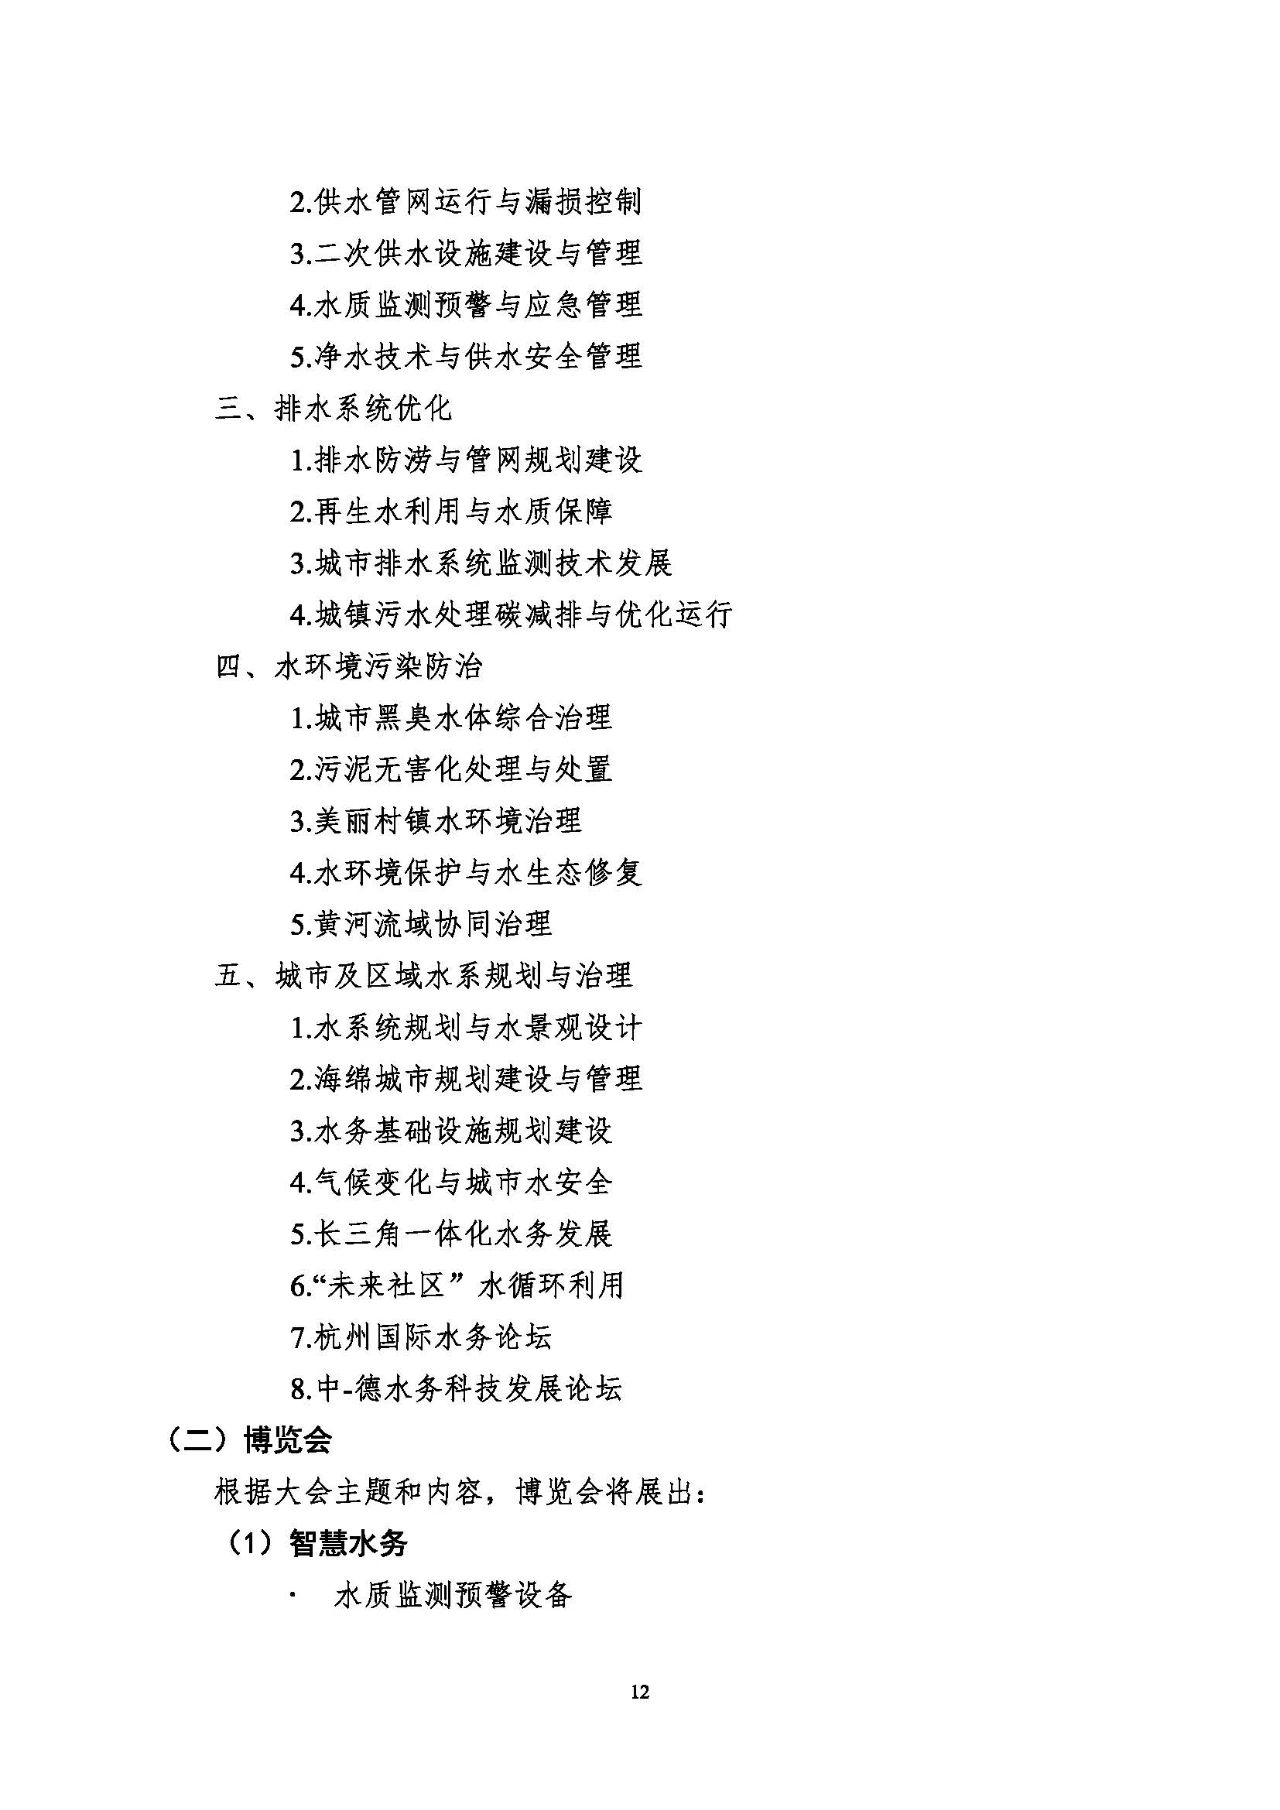 beplay|官方授权(图12)